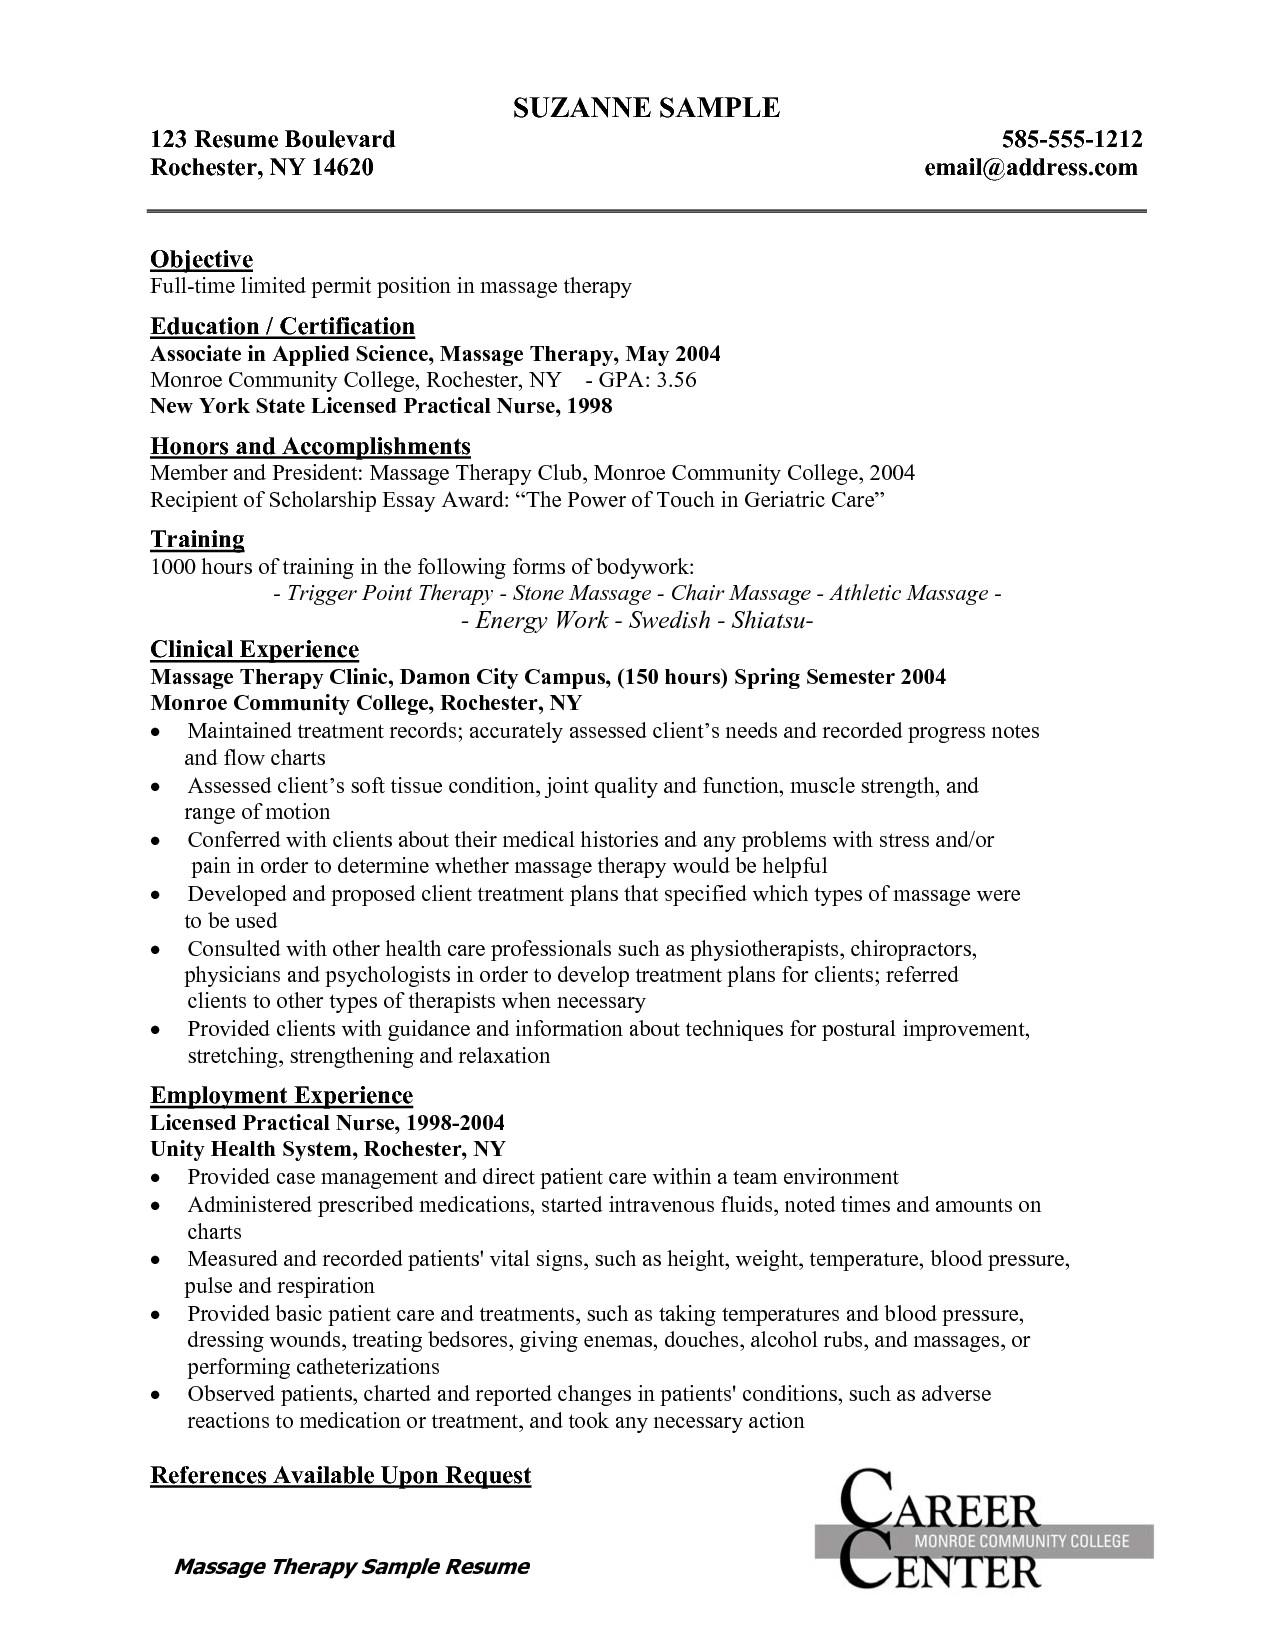 New Grad Nursing Resume Templates Geriatric Nurse Resume Resume Ideas